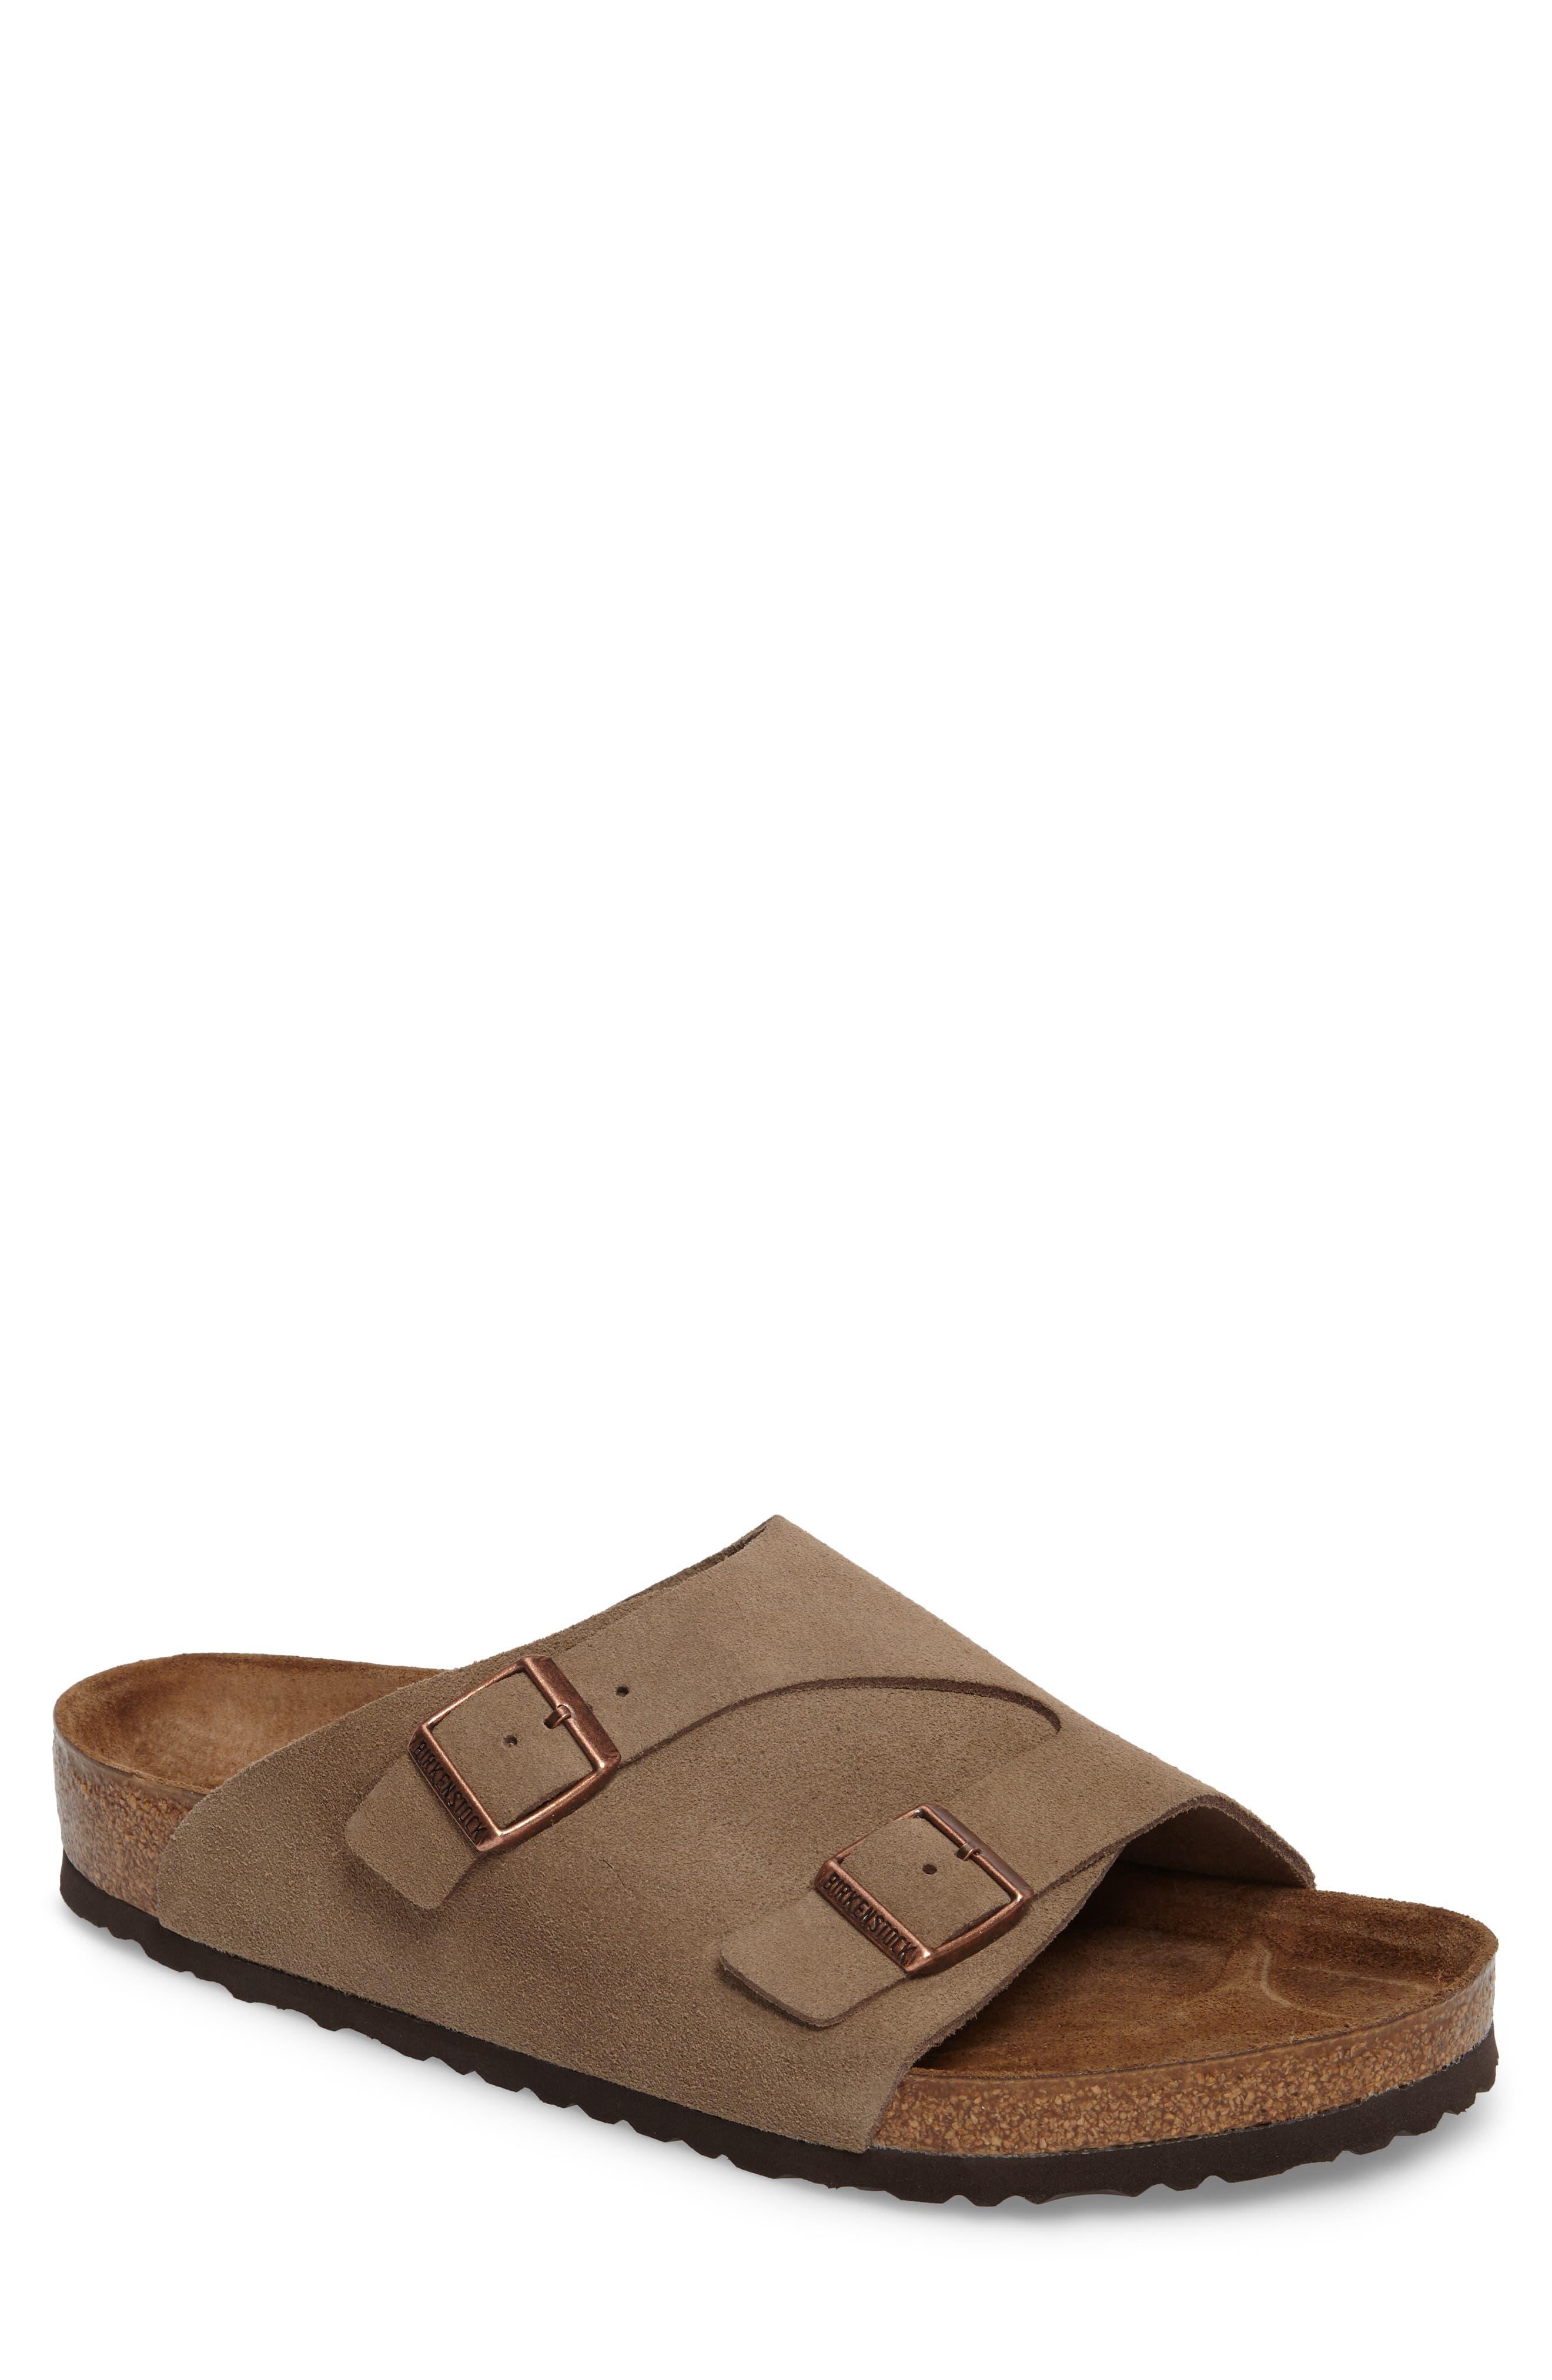 Alternate Image 1 Selected - Birkenstock Zurich Slide Sandal (Men)